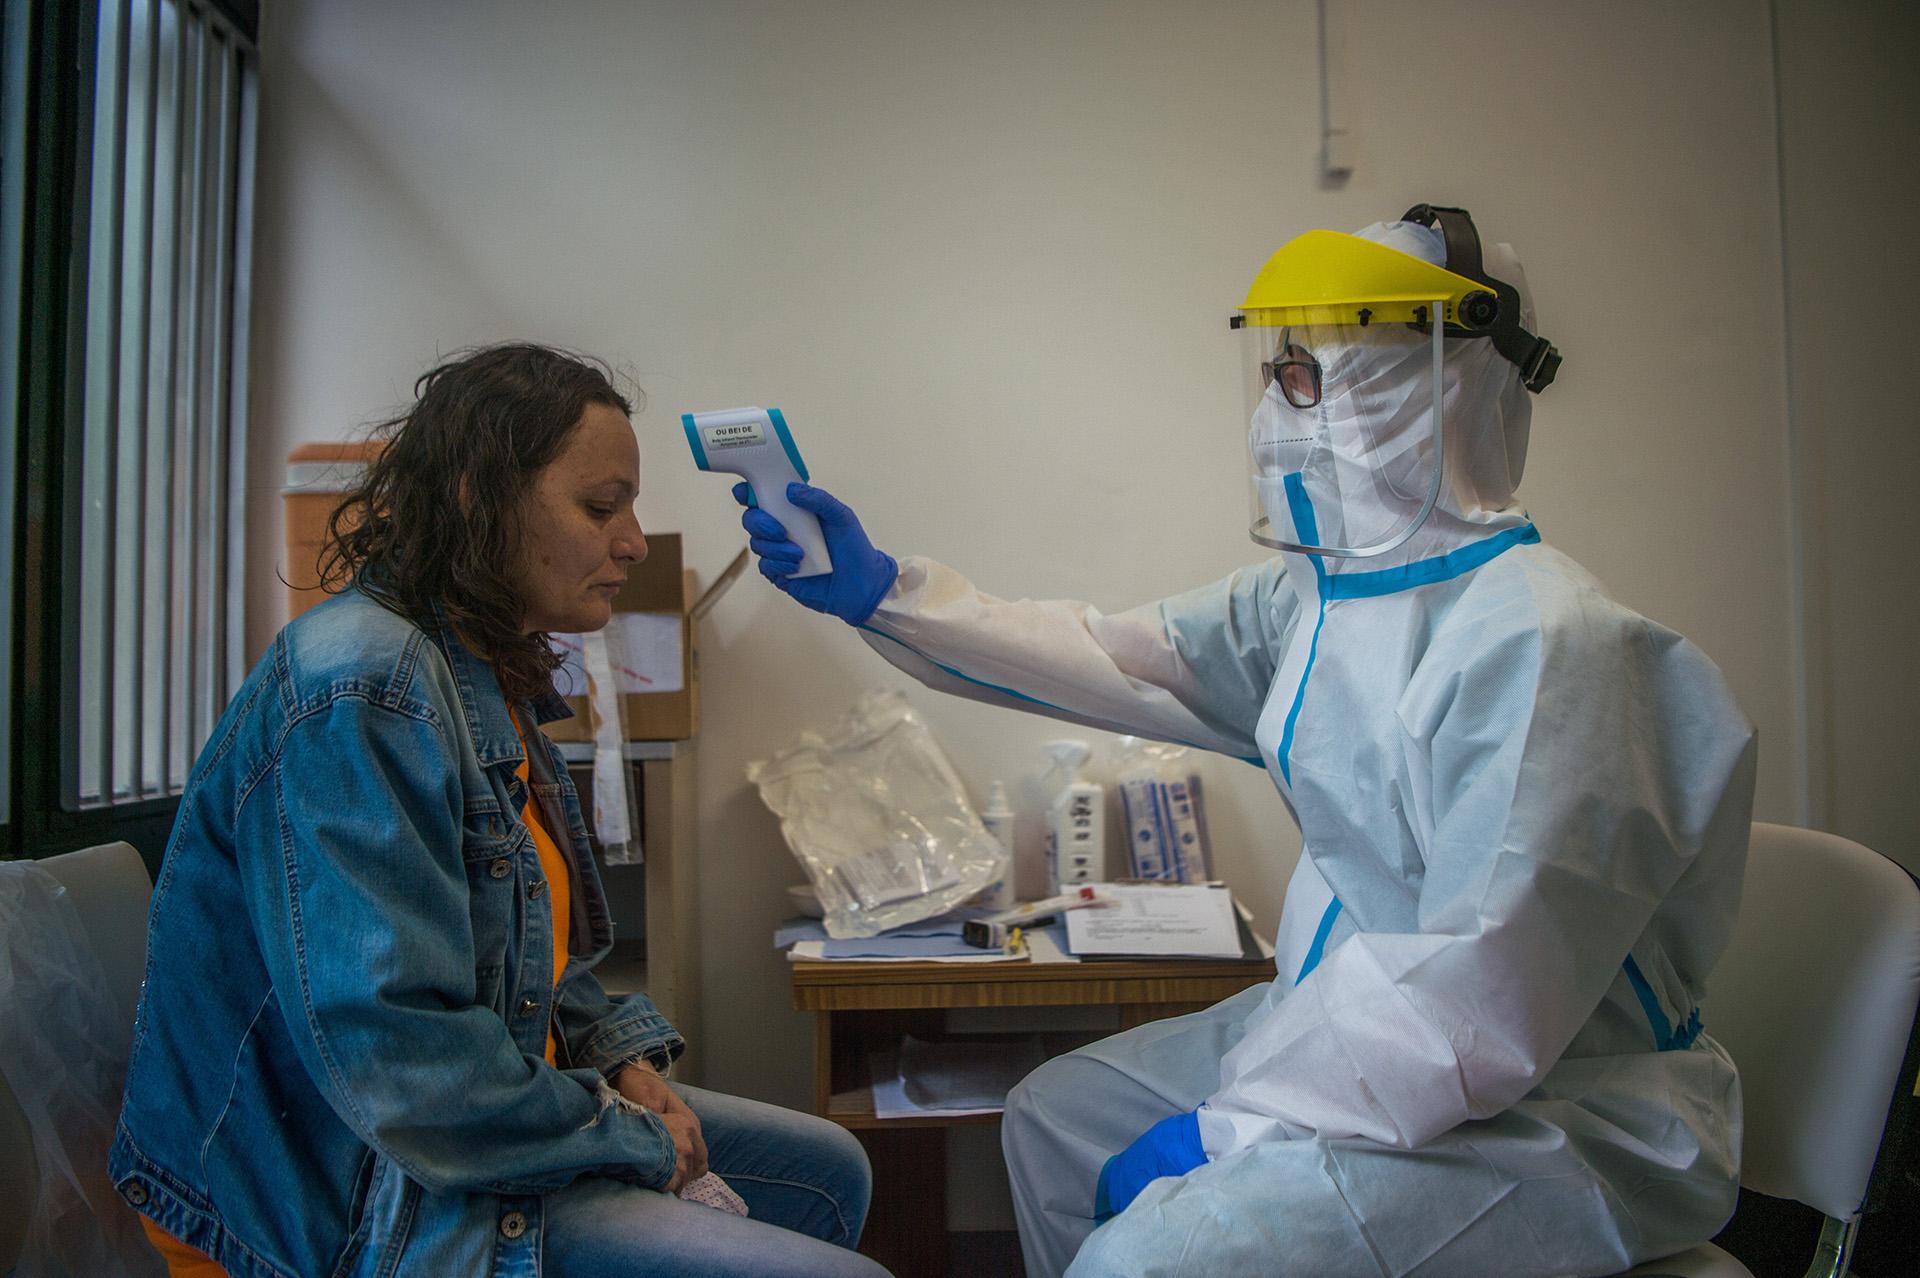 Koronavírus-teszt az Országos Korányi Pulmonológiai Intézetben